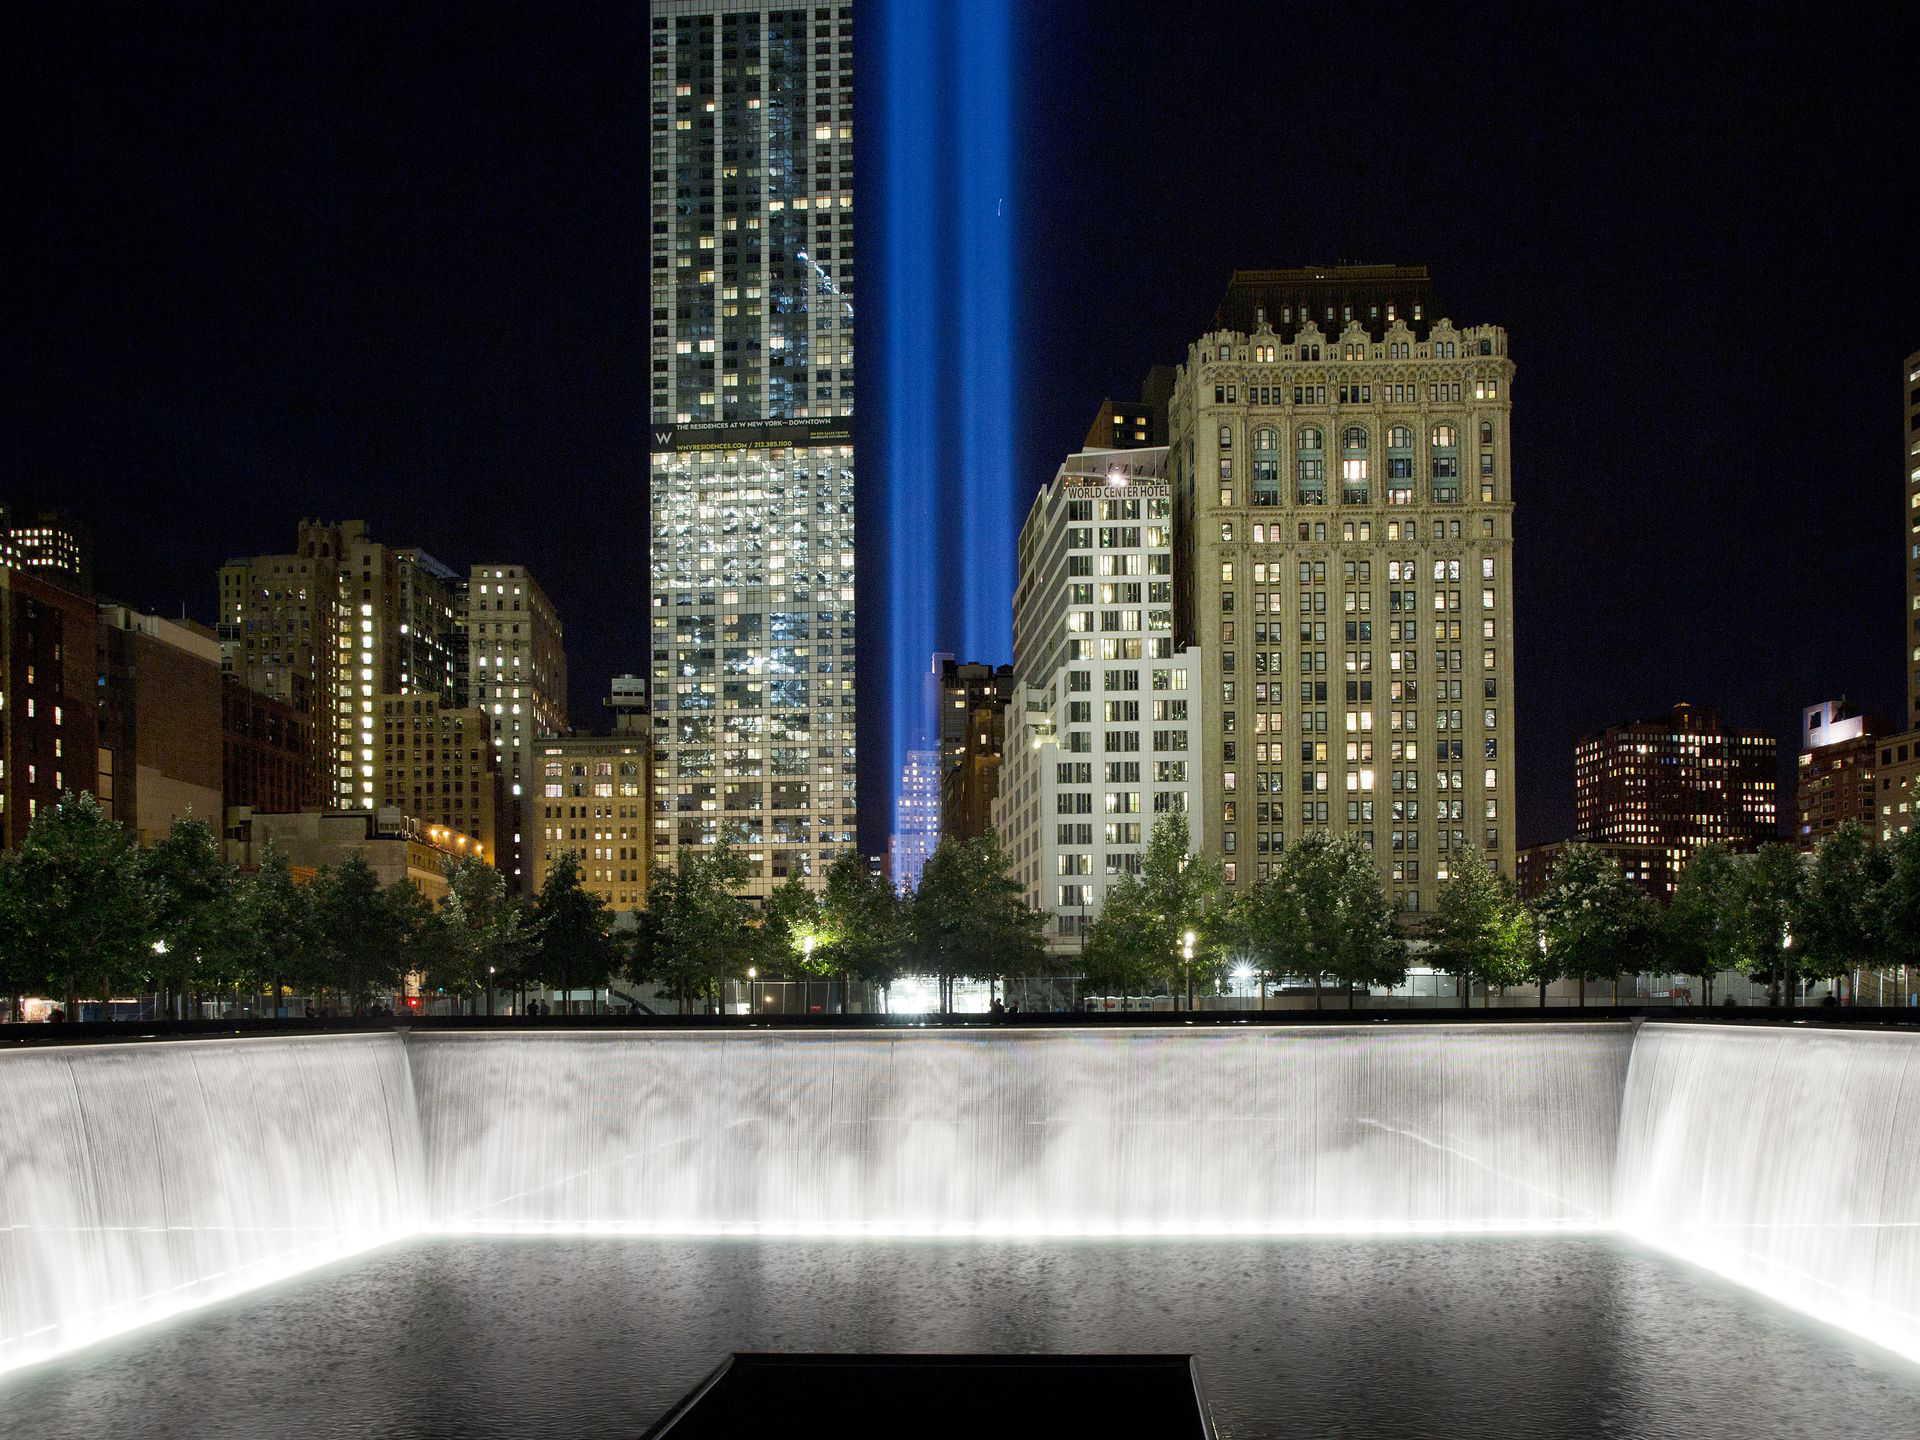 9月8日,两道光束在世贸大楼旧址直射天空。它们是由88盏探照灯的矩阵组成,以纪念在袭击中逝去的人们 。